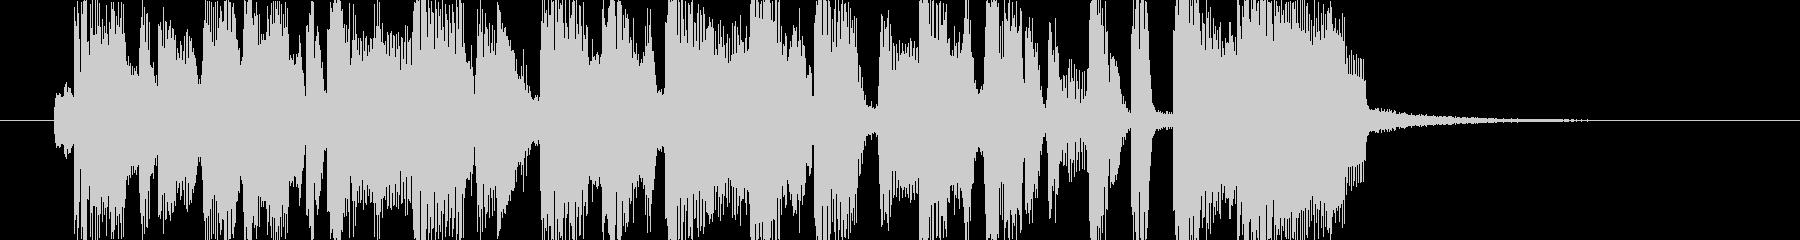 軽快なノリのファンキーなジングルの未再生の波形